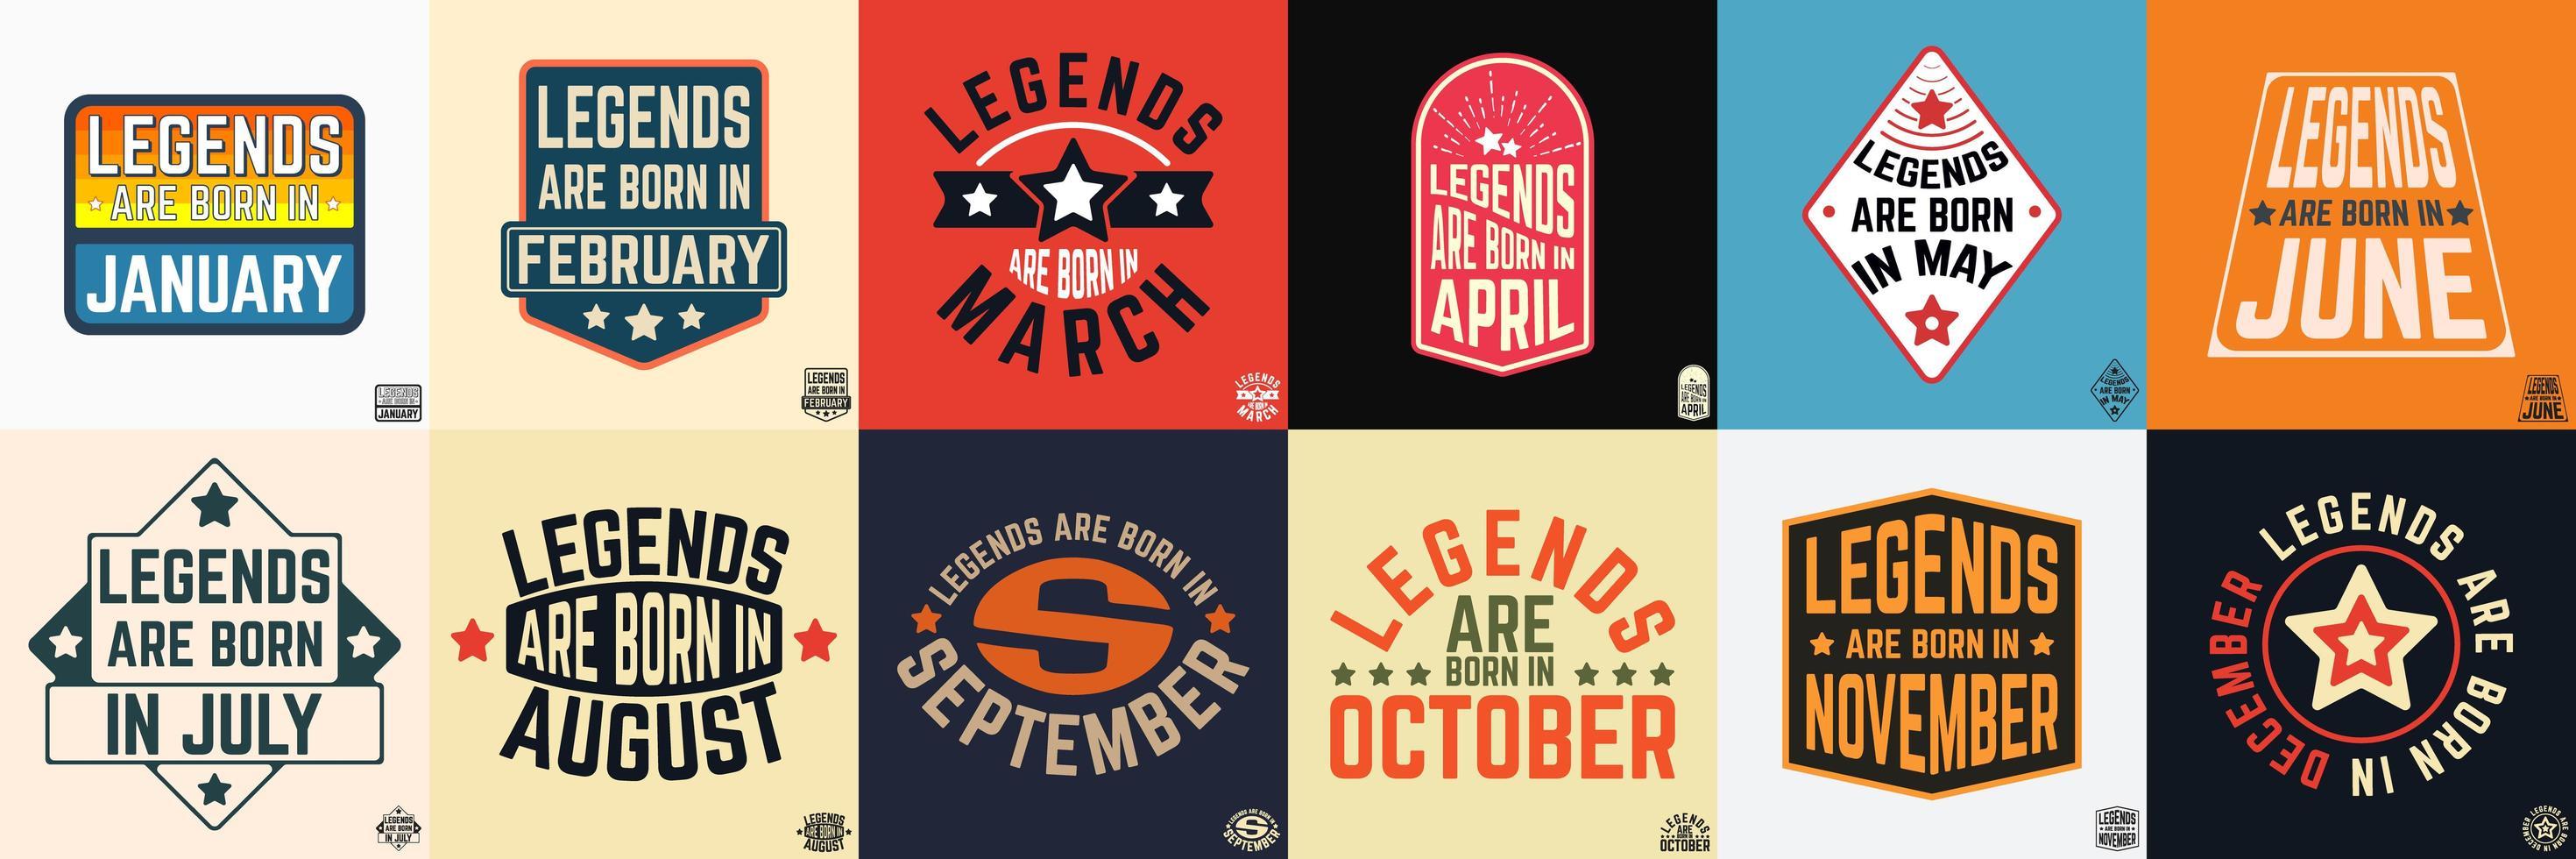 les légendes sont nées dans divers mois vecteur